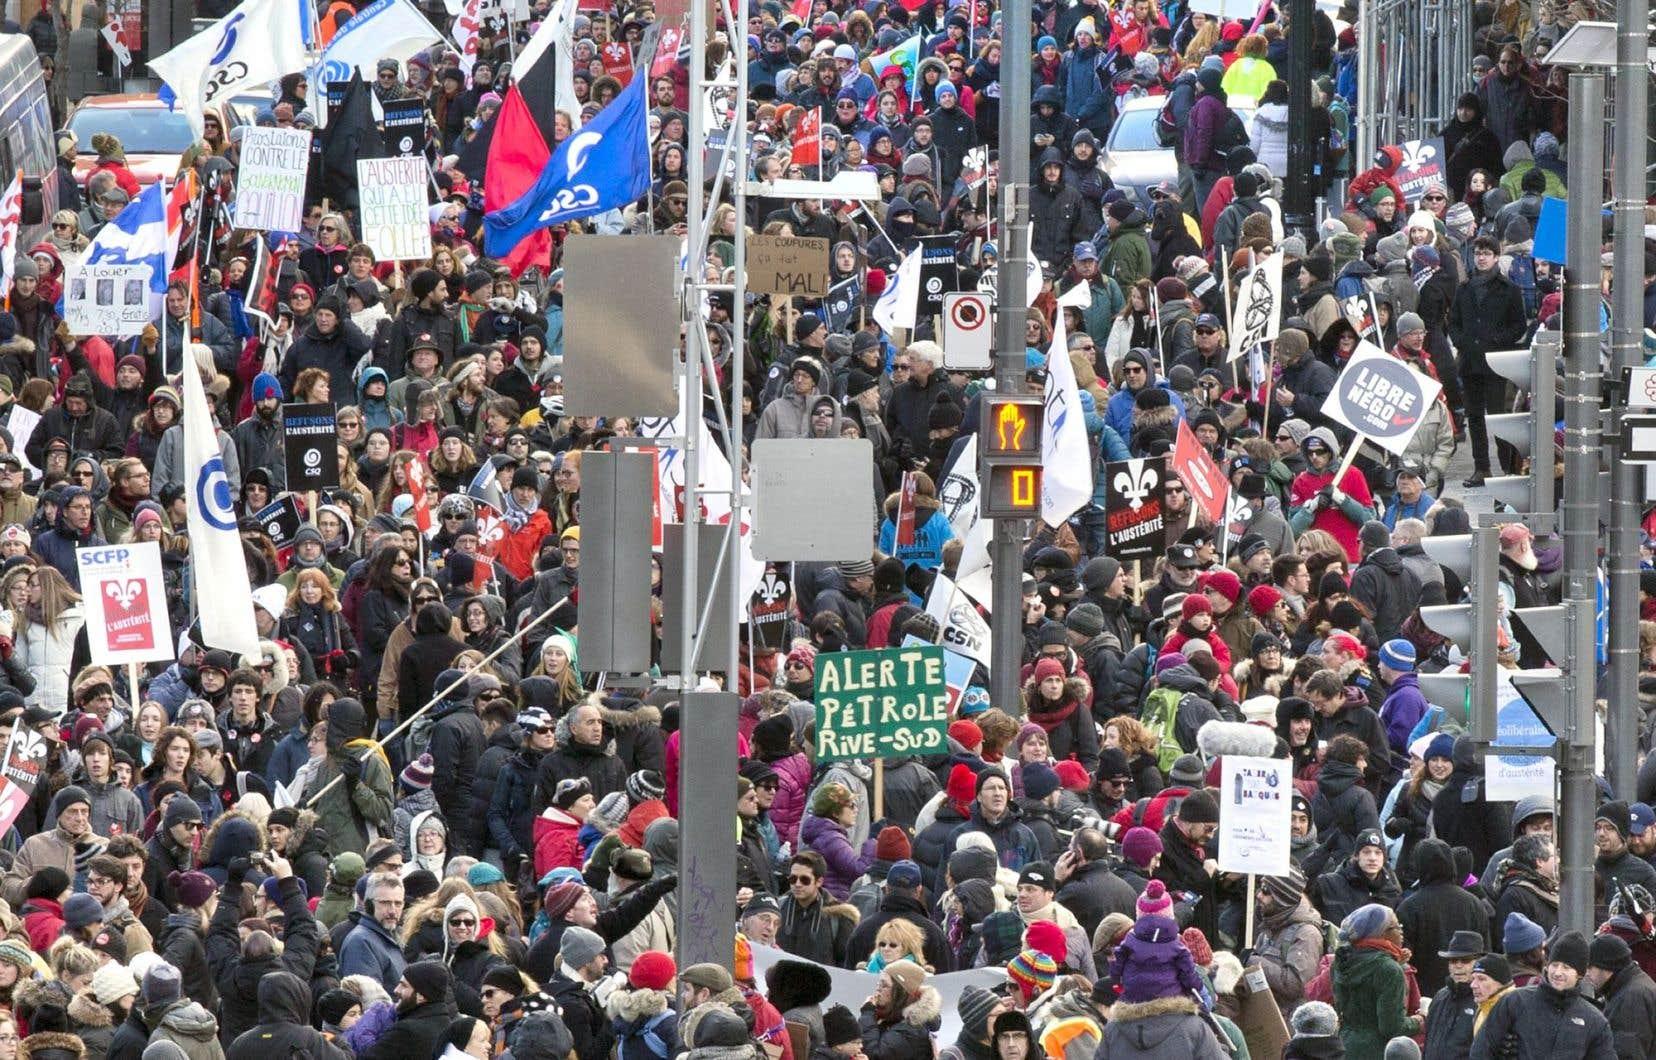 Les offres de Québec aux fonctionnaires comprennent des demandes multiples et costaudes.